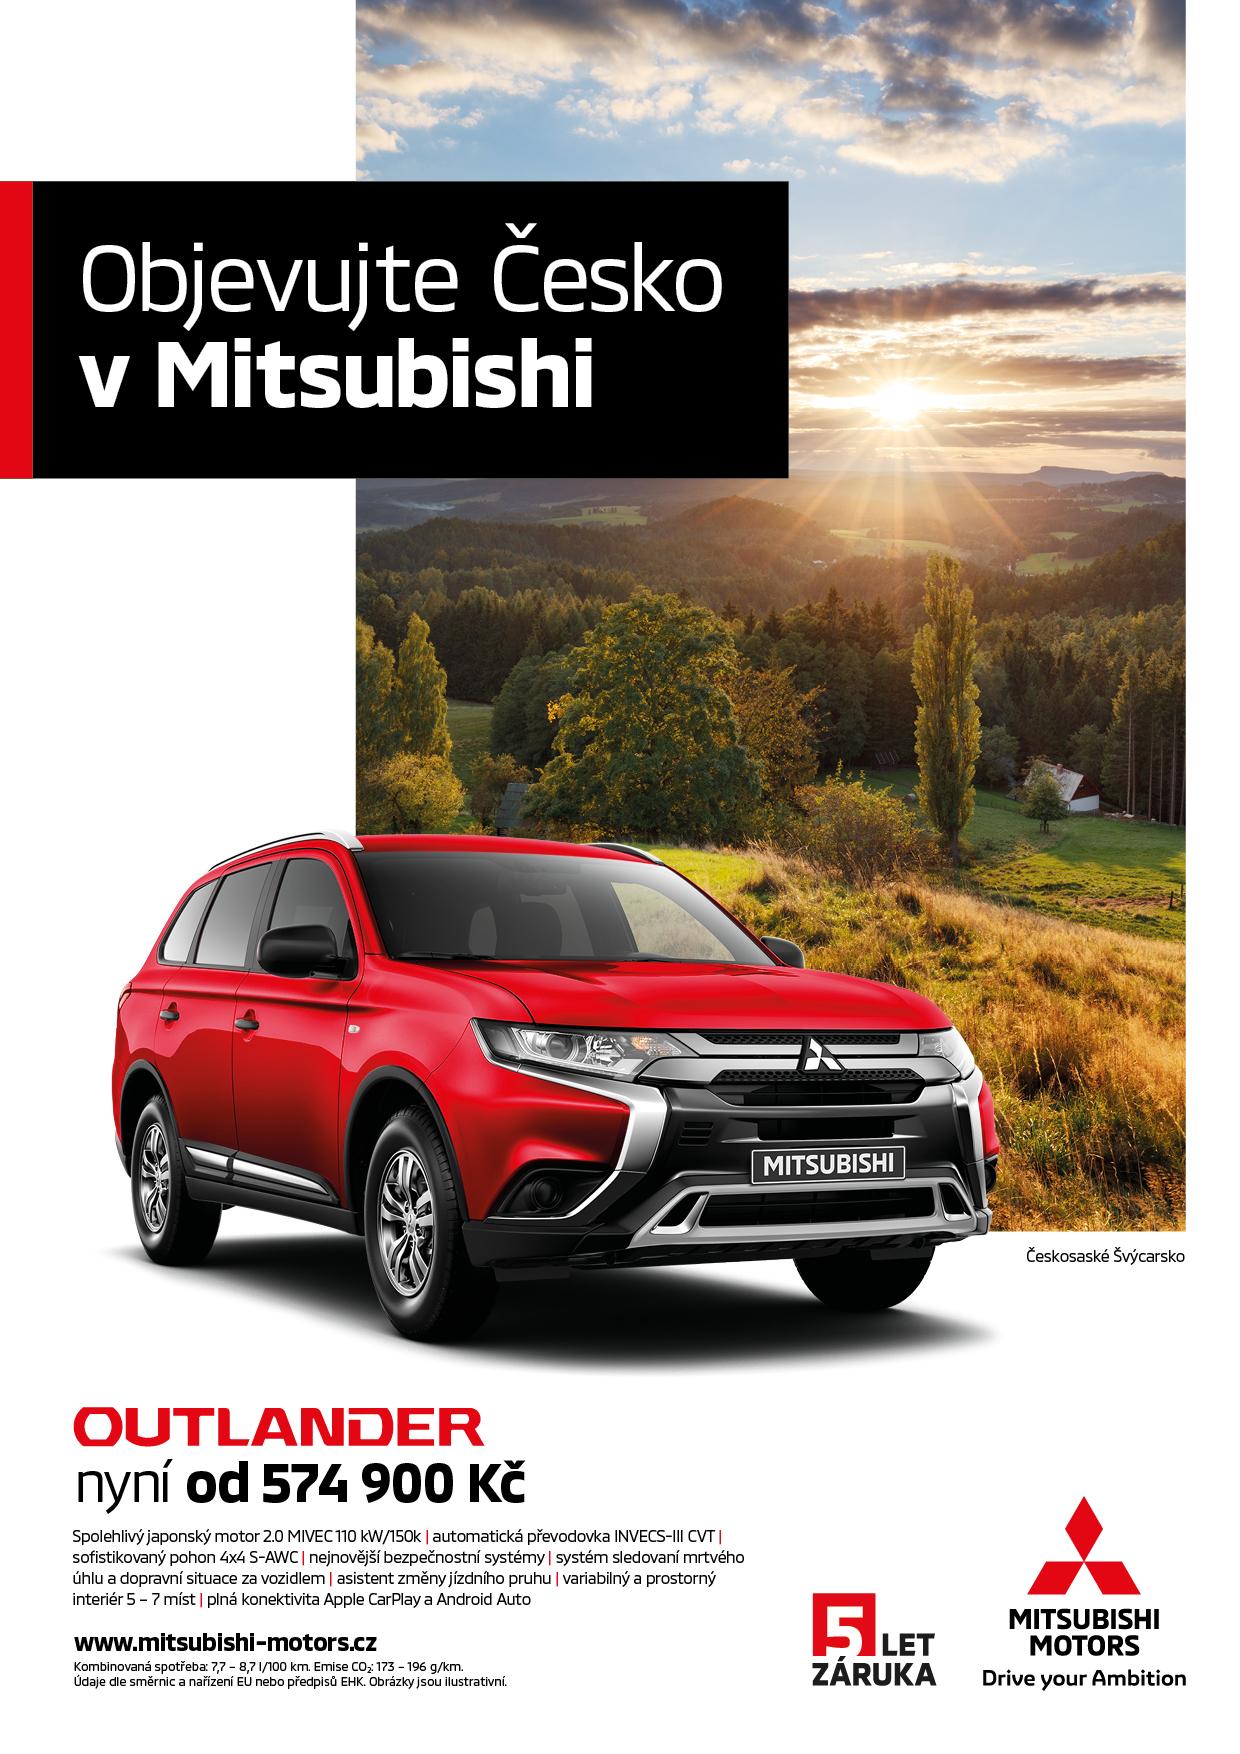 Mitsubishi: Objevujte Česko vMitsubishi (Scholz & Friends)